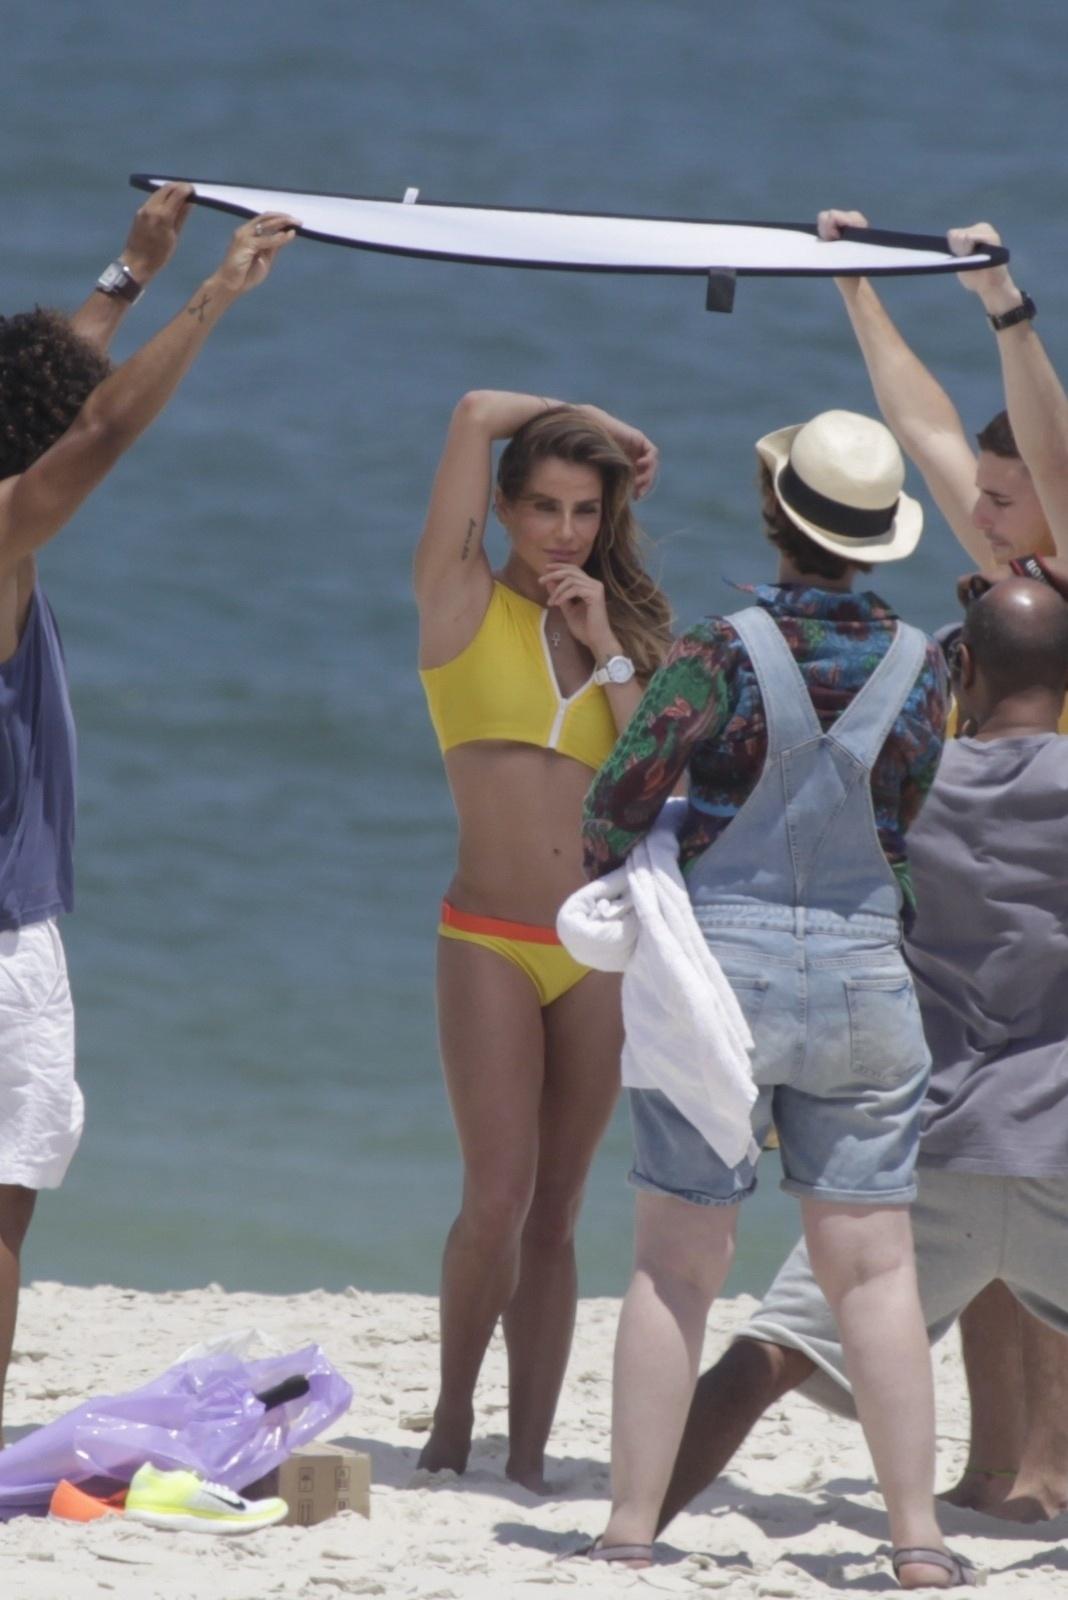 10.out.2014 - De biquíni, Deborah Secco exibe boa forma ao fazer ensaio fotográfico na praia da Barra da Tijuca, no Rio de Janeiro